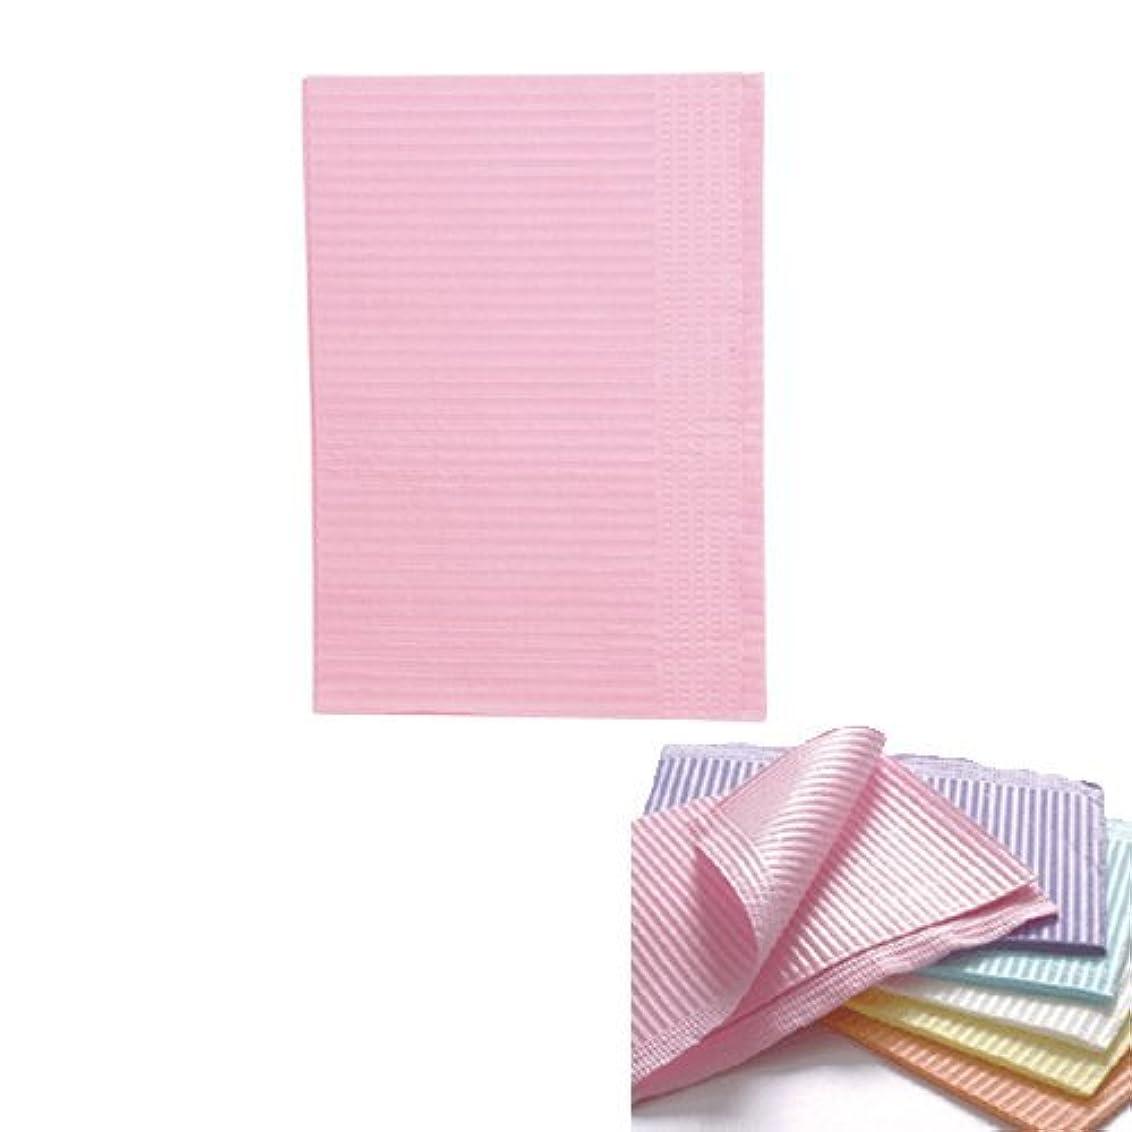 大胆情熱退屈なネイル 防水ペーパー/裏面防水ネイルシート 50枚 ピンク